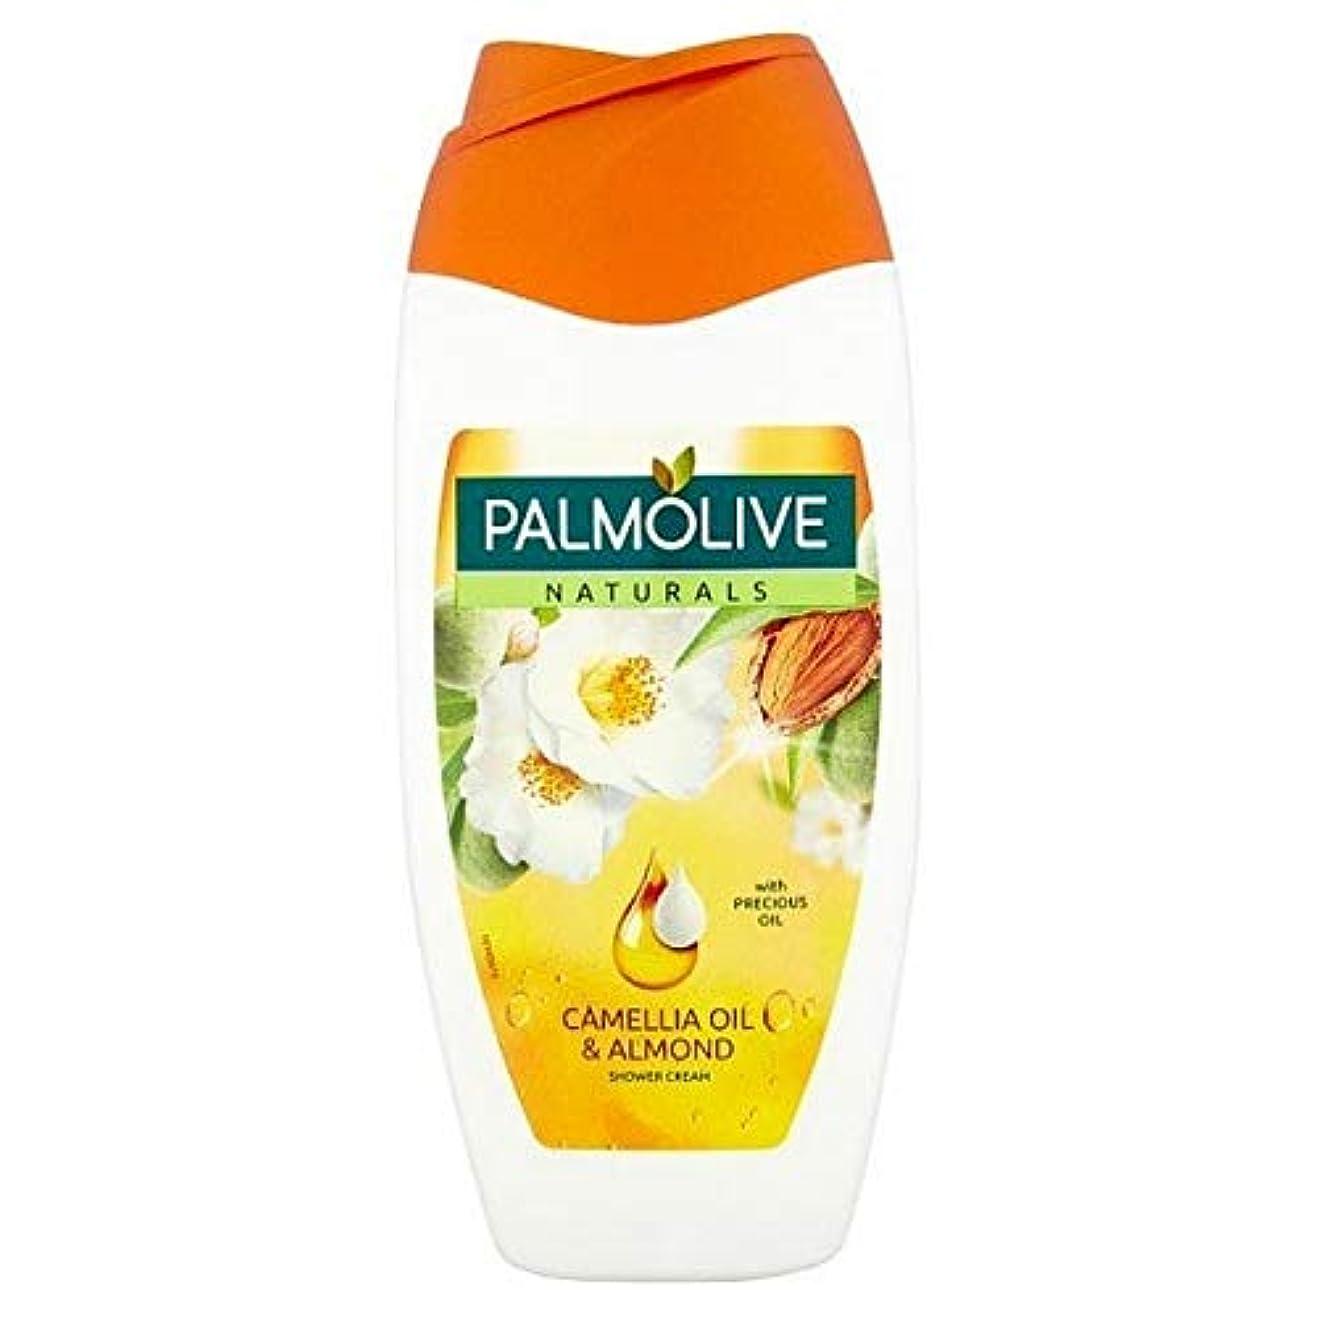 チロ尊敬する適用済み[Palmolive ] パルモナチュラル椿油&アーモンドシャワージェル250ミリリットル - Palmolive Naturals Camellia Oil & Almond Shower Gel 250ml [並行輸入品]